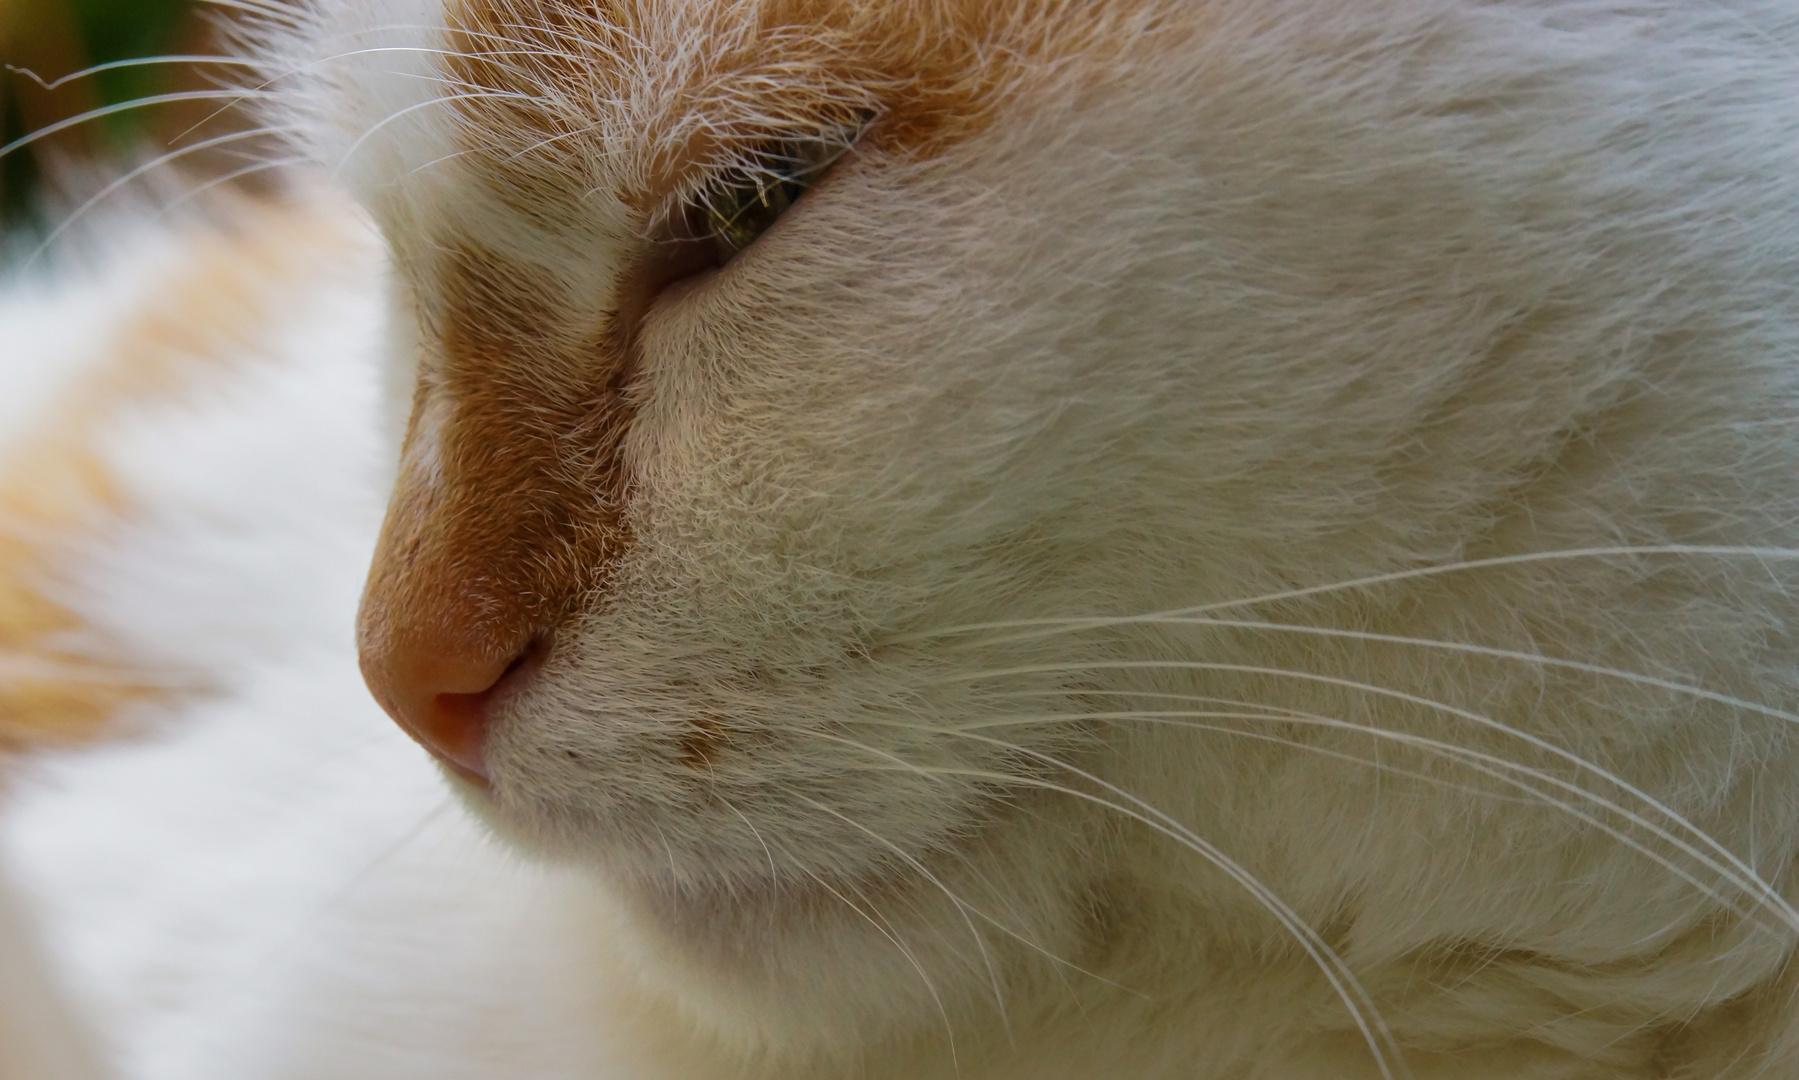 Katzen (haare) II - Chanel